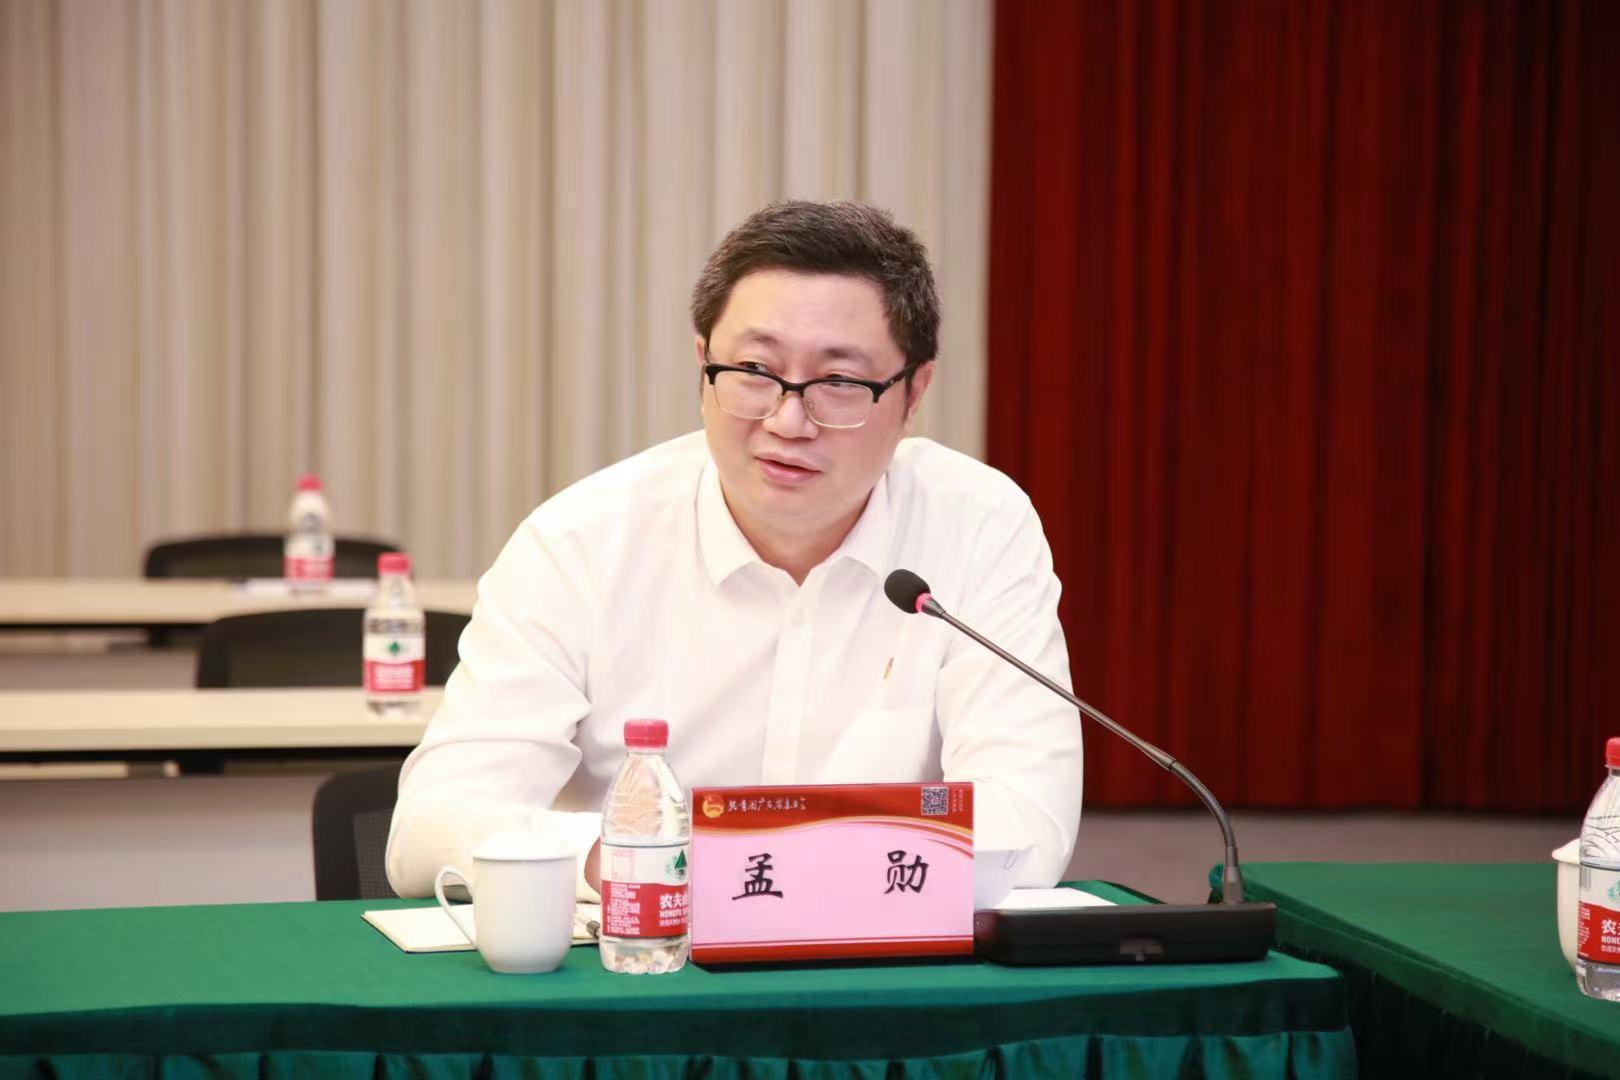 华南理工大学团委书记孟勋会上发言。